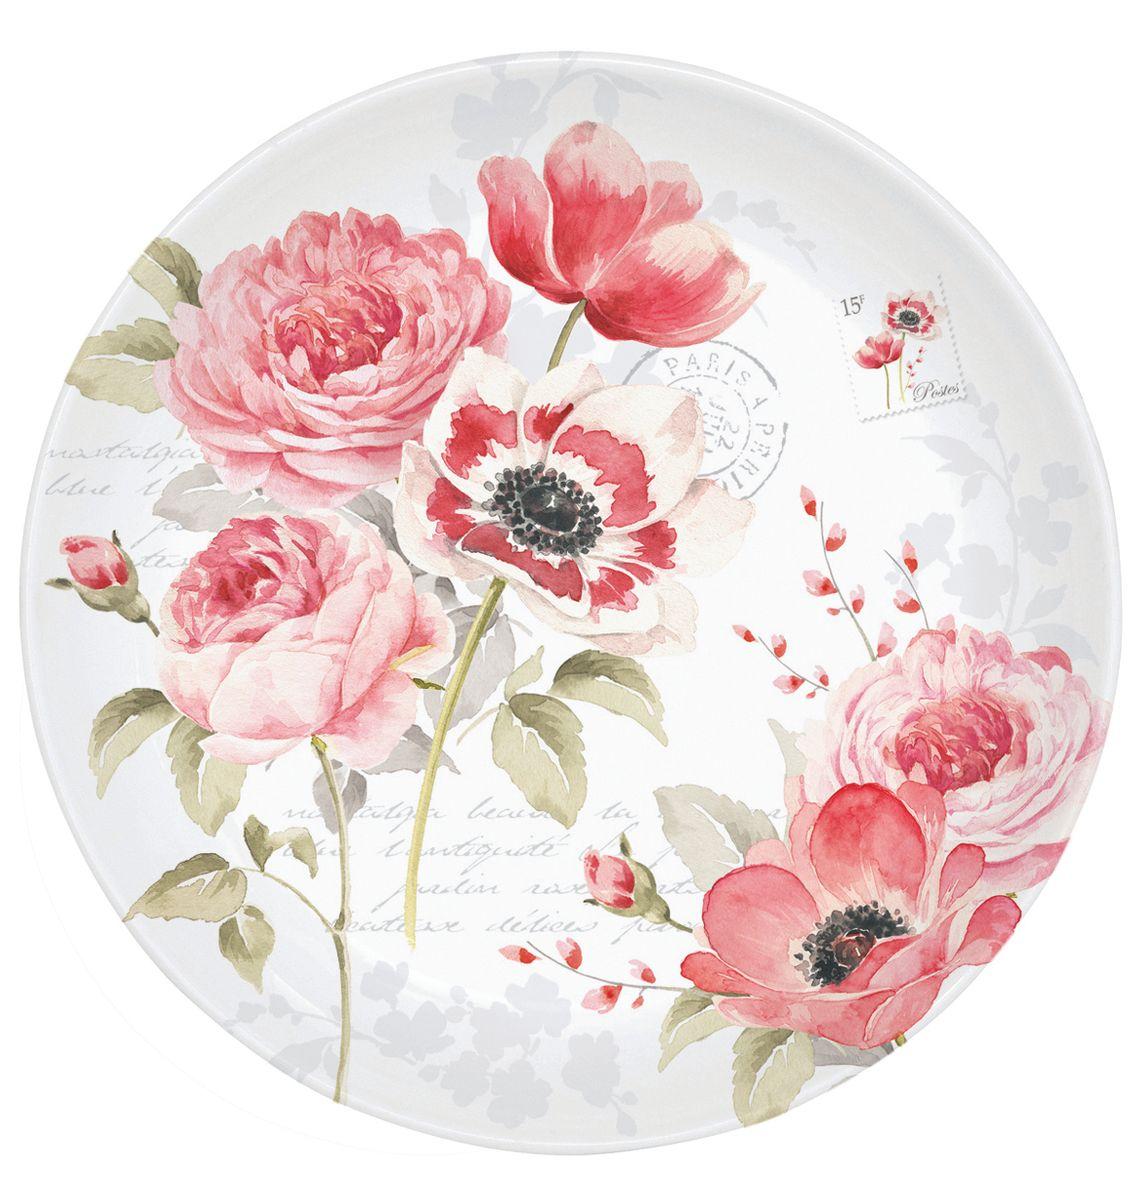 Блюдце Nuova R2S Пионы, диаметр 10 см338FLWDБлюдце Nuova R2S Пионы выполнено из высококачественного фарфора. Изделие оформлено цветочным рисунком и надписями. Изящное блюдце не только красиво оформит стол к чаепитию, но и станет прекрасным подарком друзьям и близким.Диаметр блюдца: 10 см.